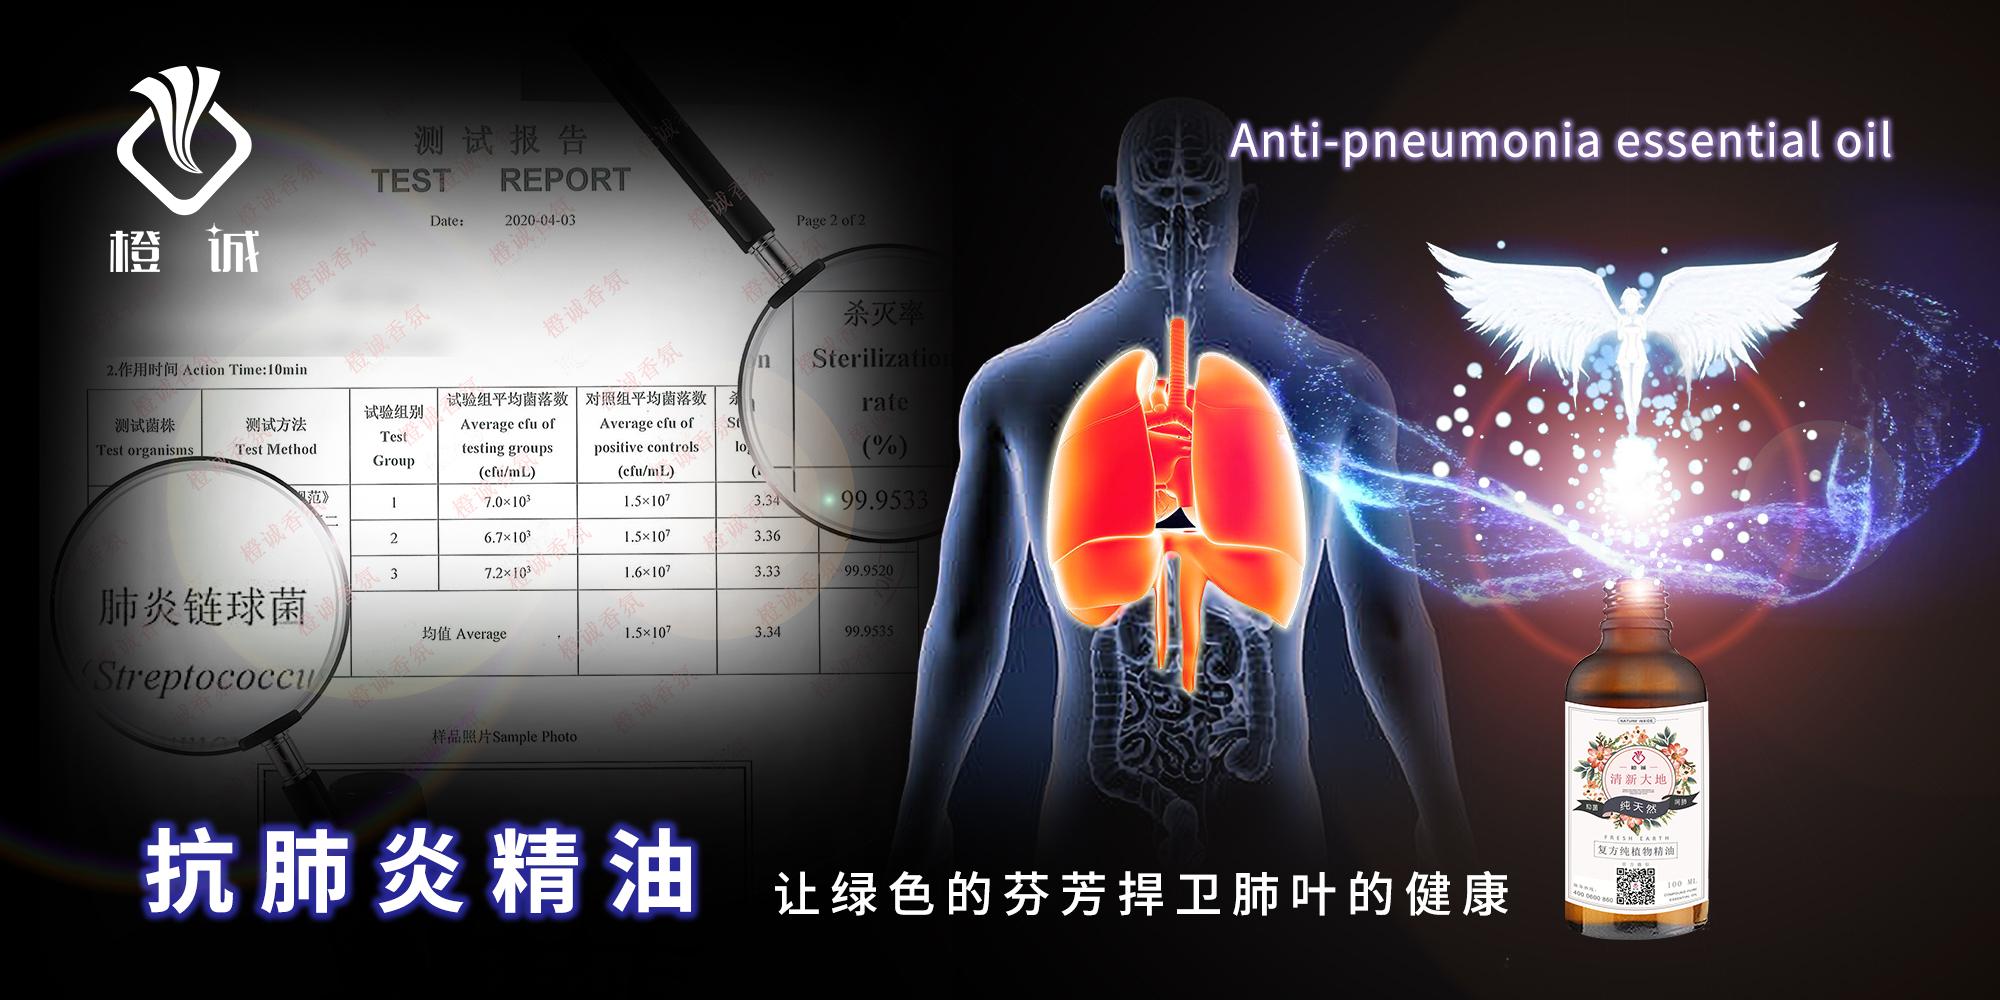 抗肺炎精油